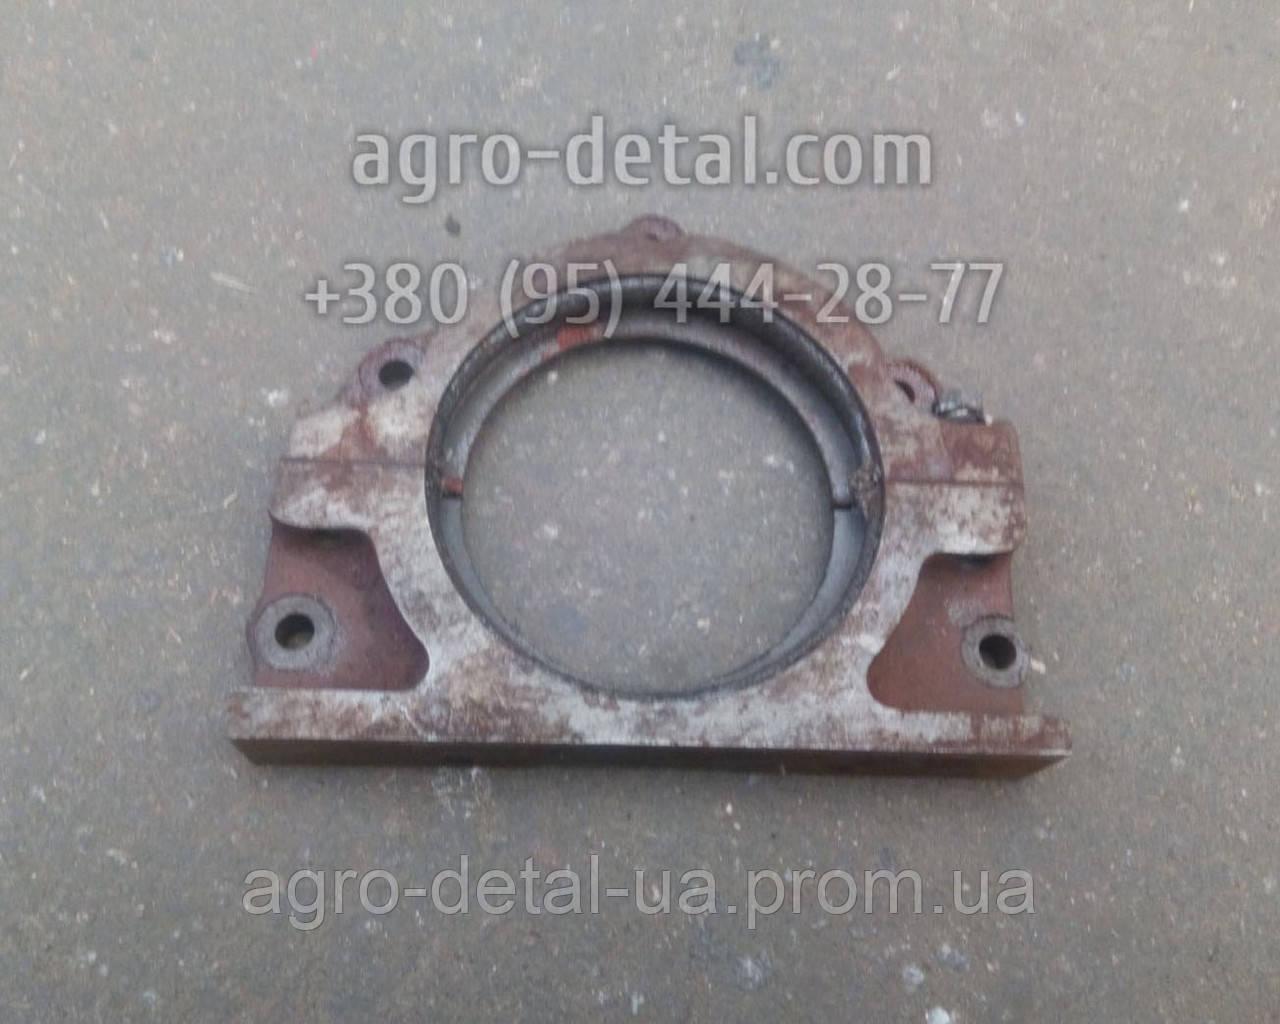 Уплотнение коленчатого вала 31-01С5Б двигателя СМД 31,СМД 31А,СМД 31.01,СМД 31Б.04,комбайна Дон 1500